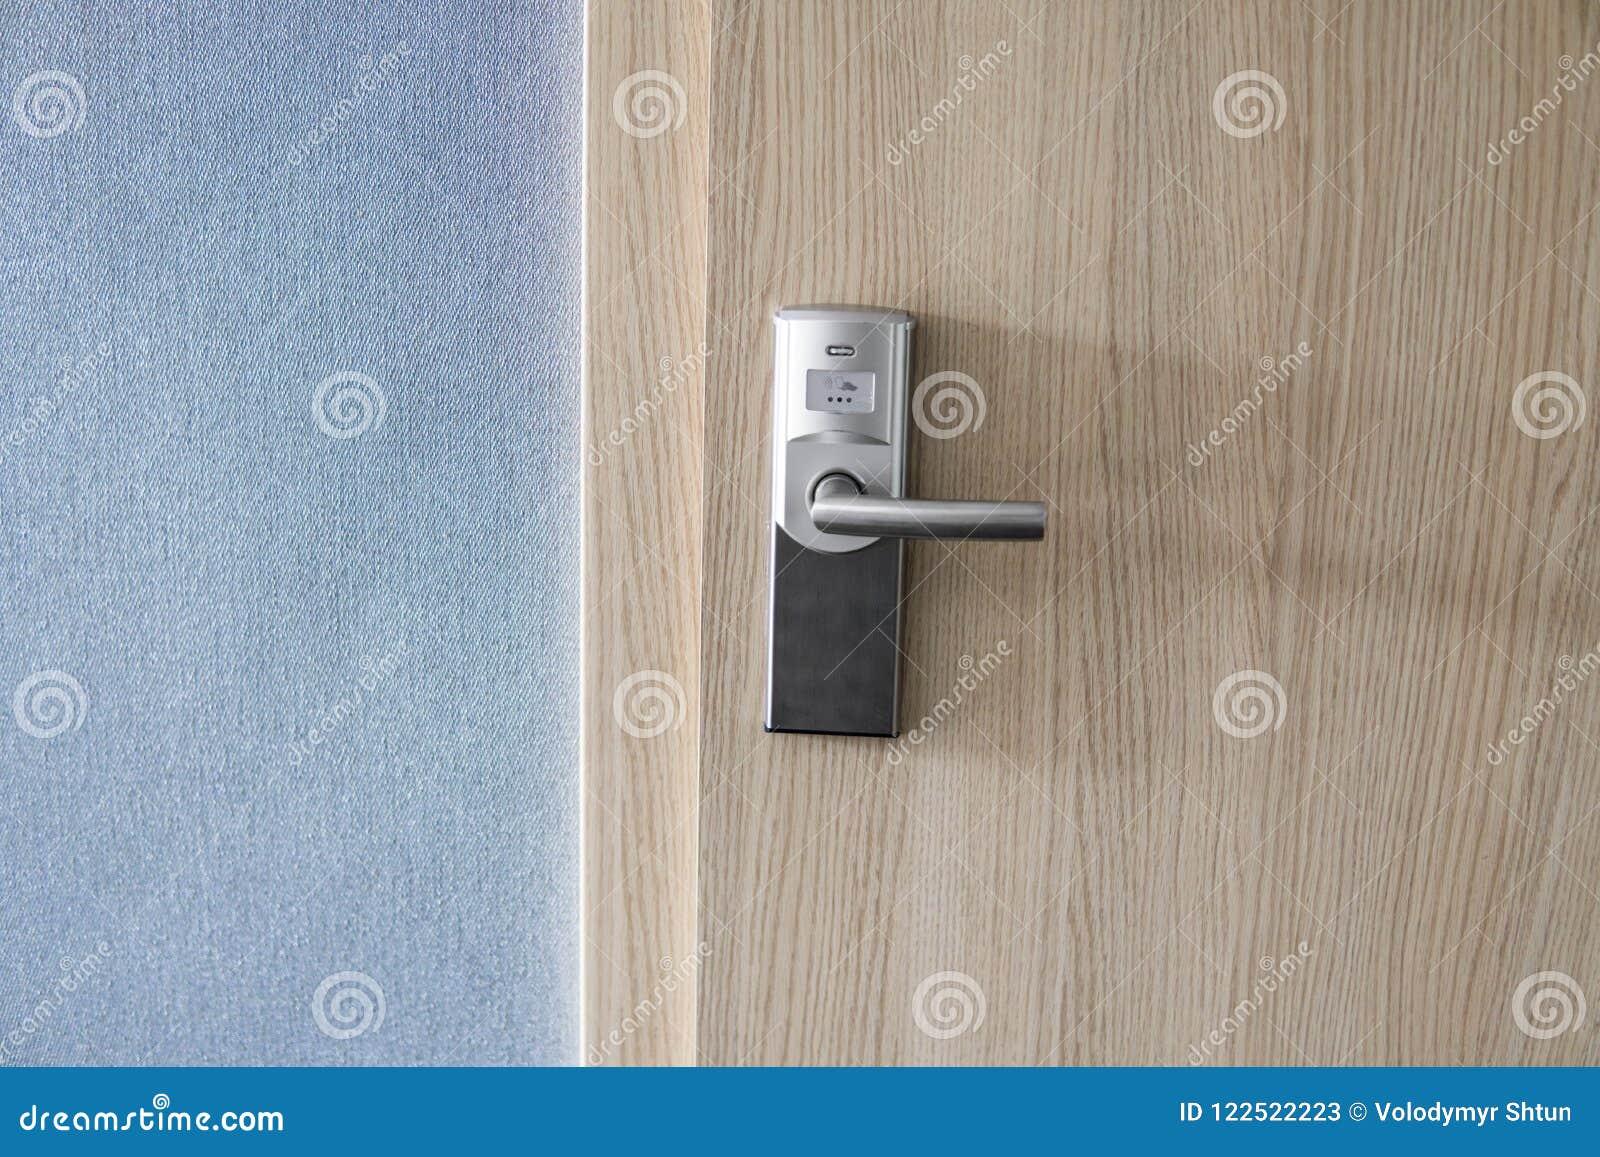 Cerradura electrónica del hotel en puerta de madera y con una pared azul